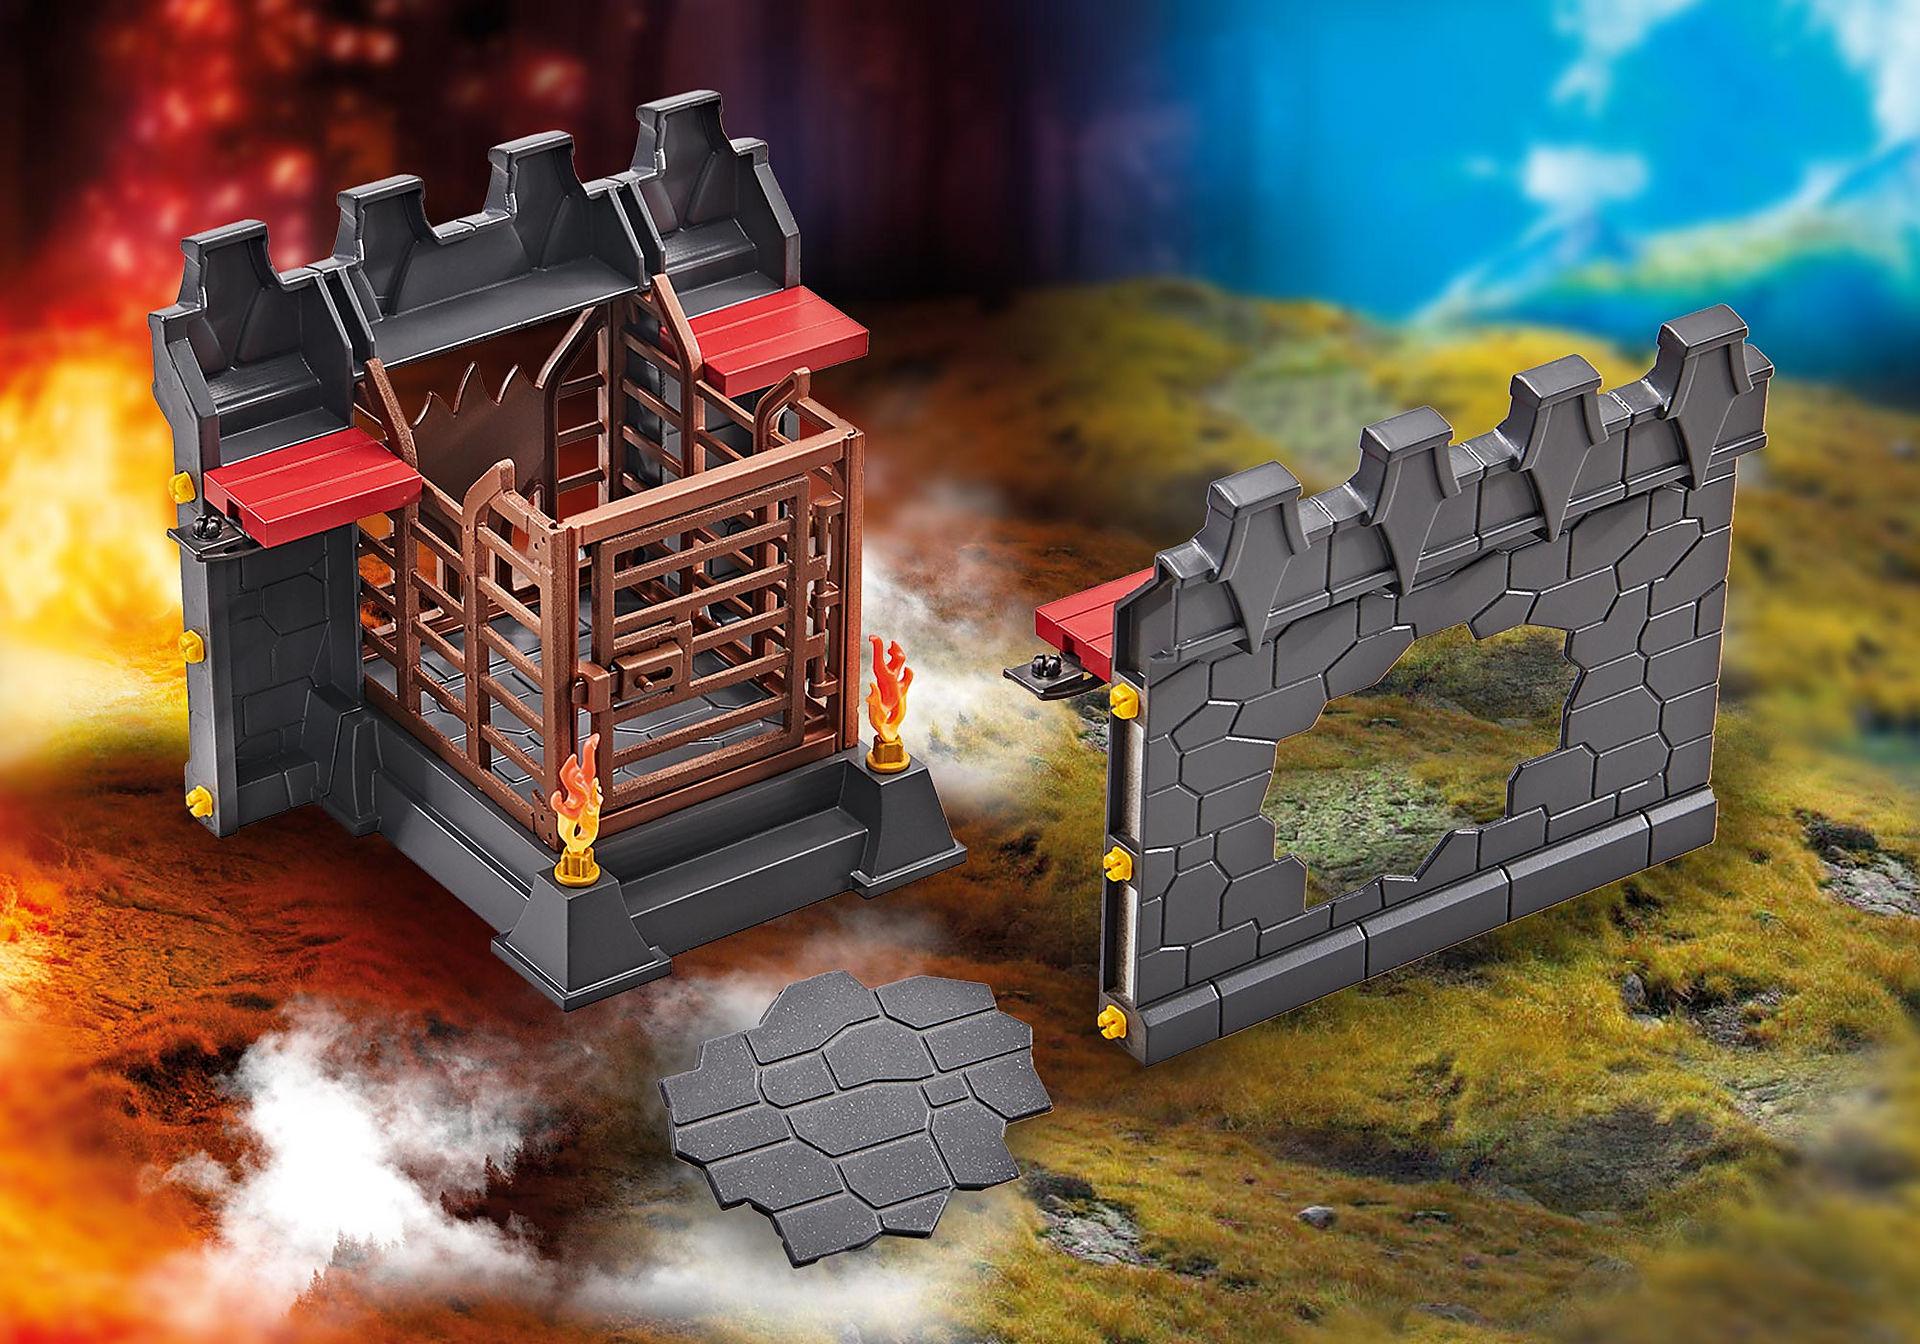 9841 Extensão da parede com prisão para a fortaleza dos Bandidos de Burnham zoom image1